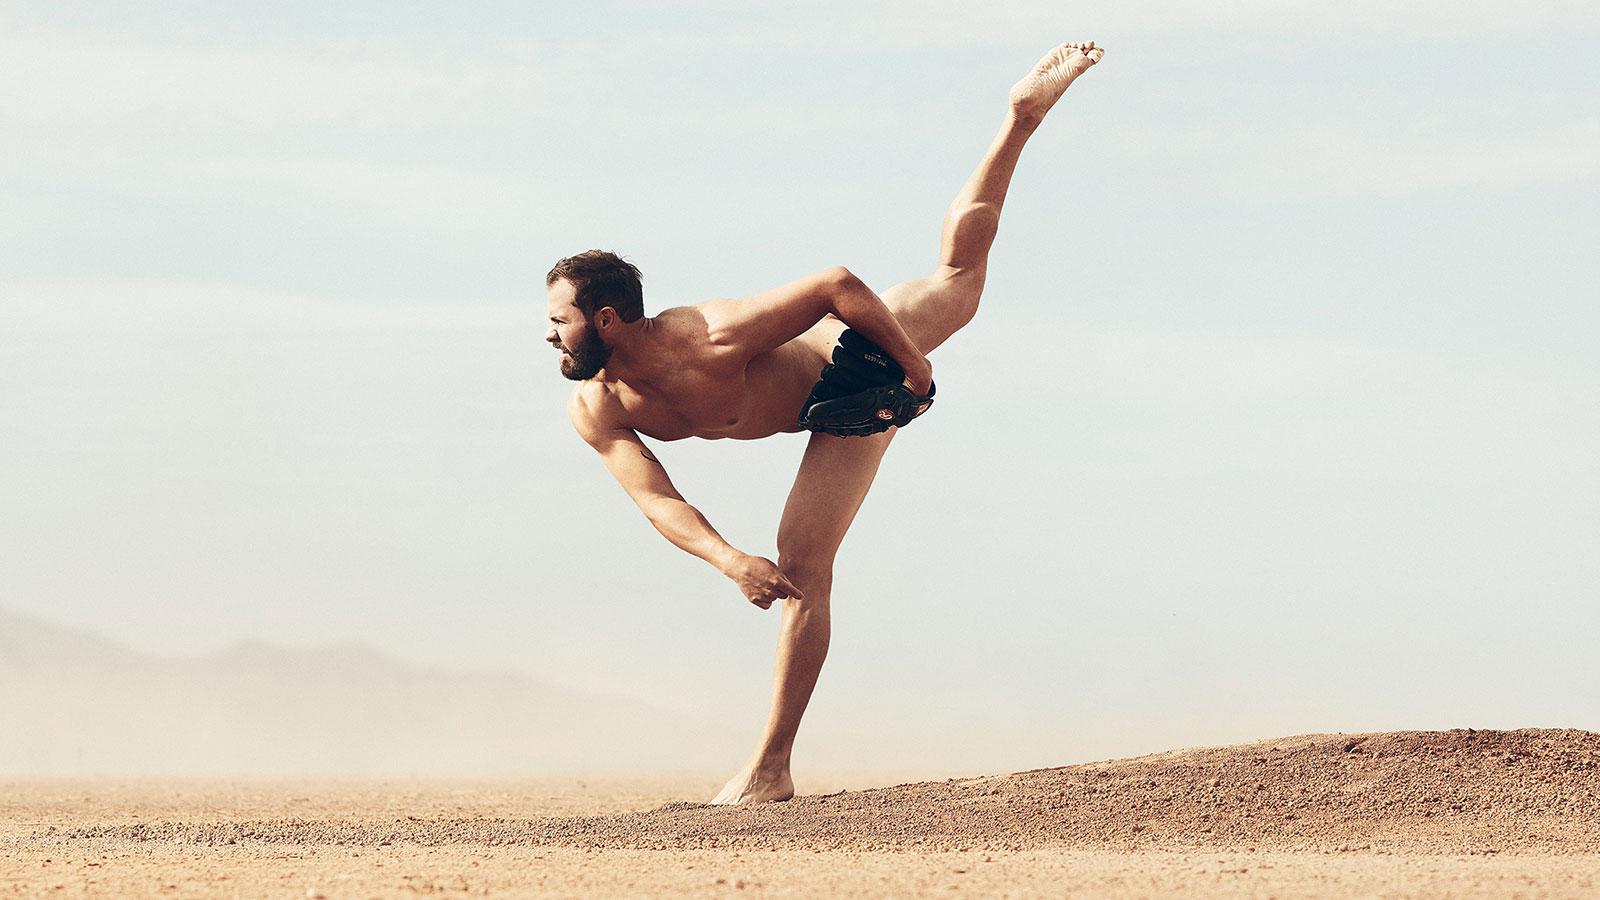 Jake Arrieta. В ежегодной фотосессии Body Issue для журнала ESPN приняли участие 20 известных спортсменов